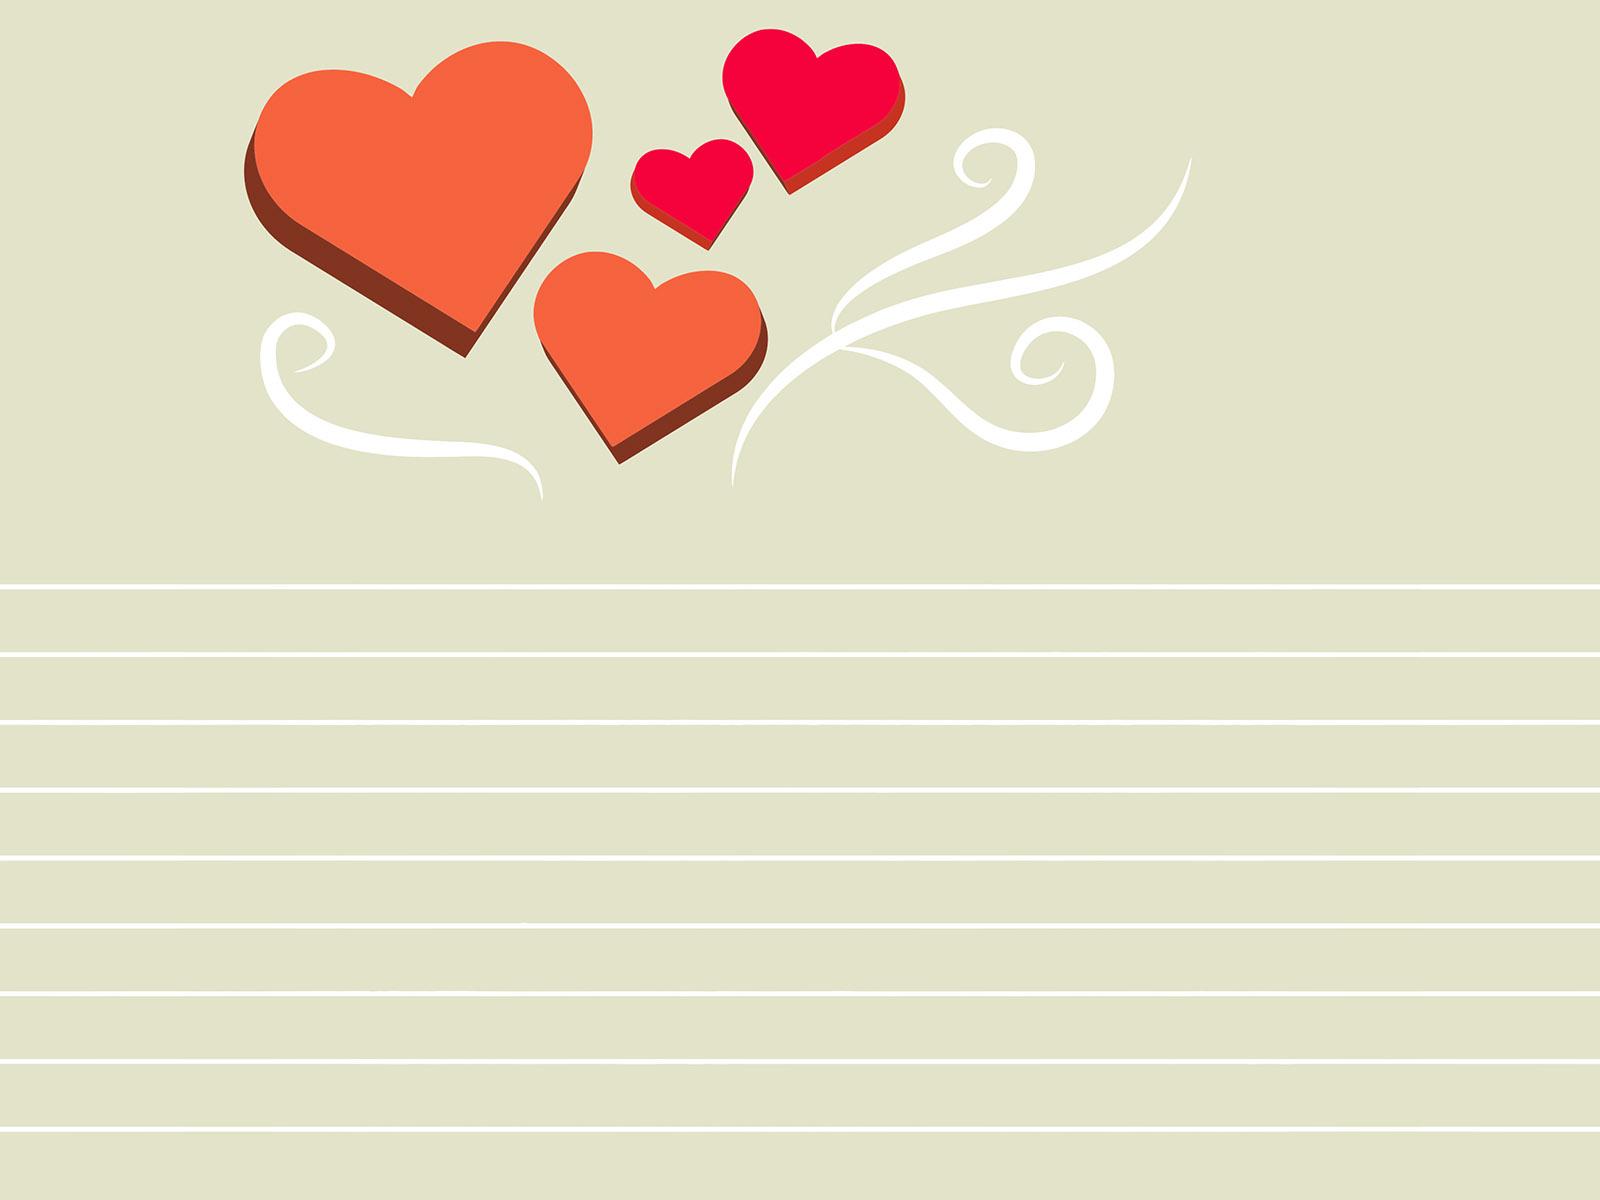 Hình nền PowerPoint trái tim đỏ với chủ đề tình yêu